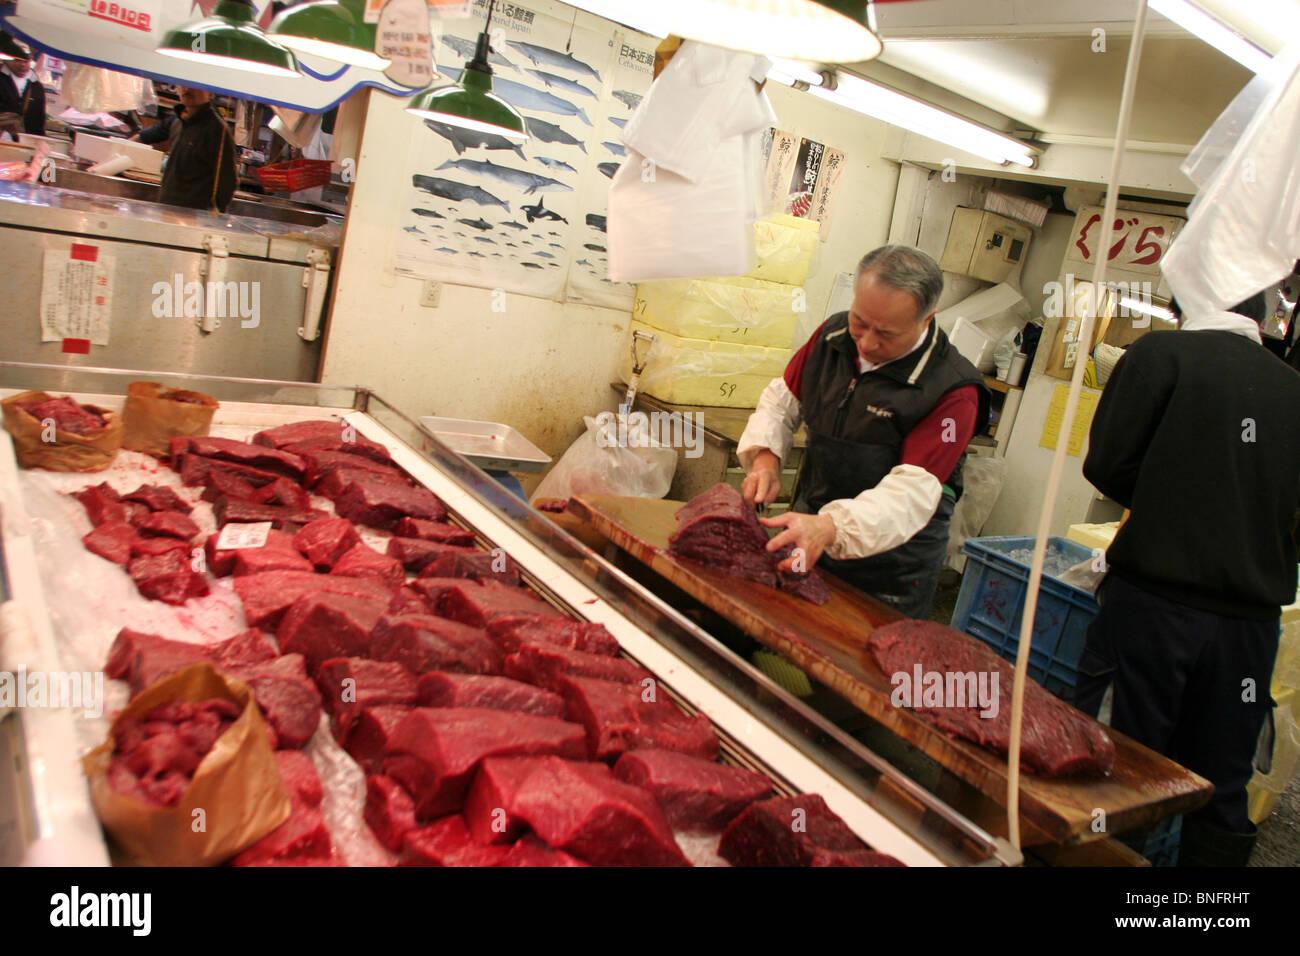 La carne de ballena a la venta en el mercado mayorista de pescado de Tsukiji, el mayor mercado de pescado en el mundo, en Tokio, Japón Foto de stock